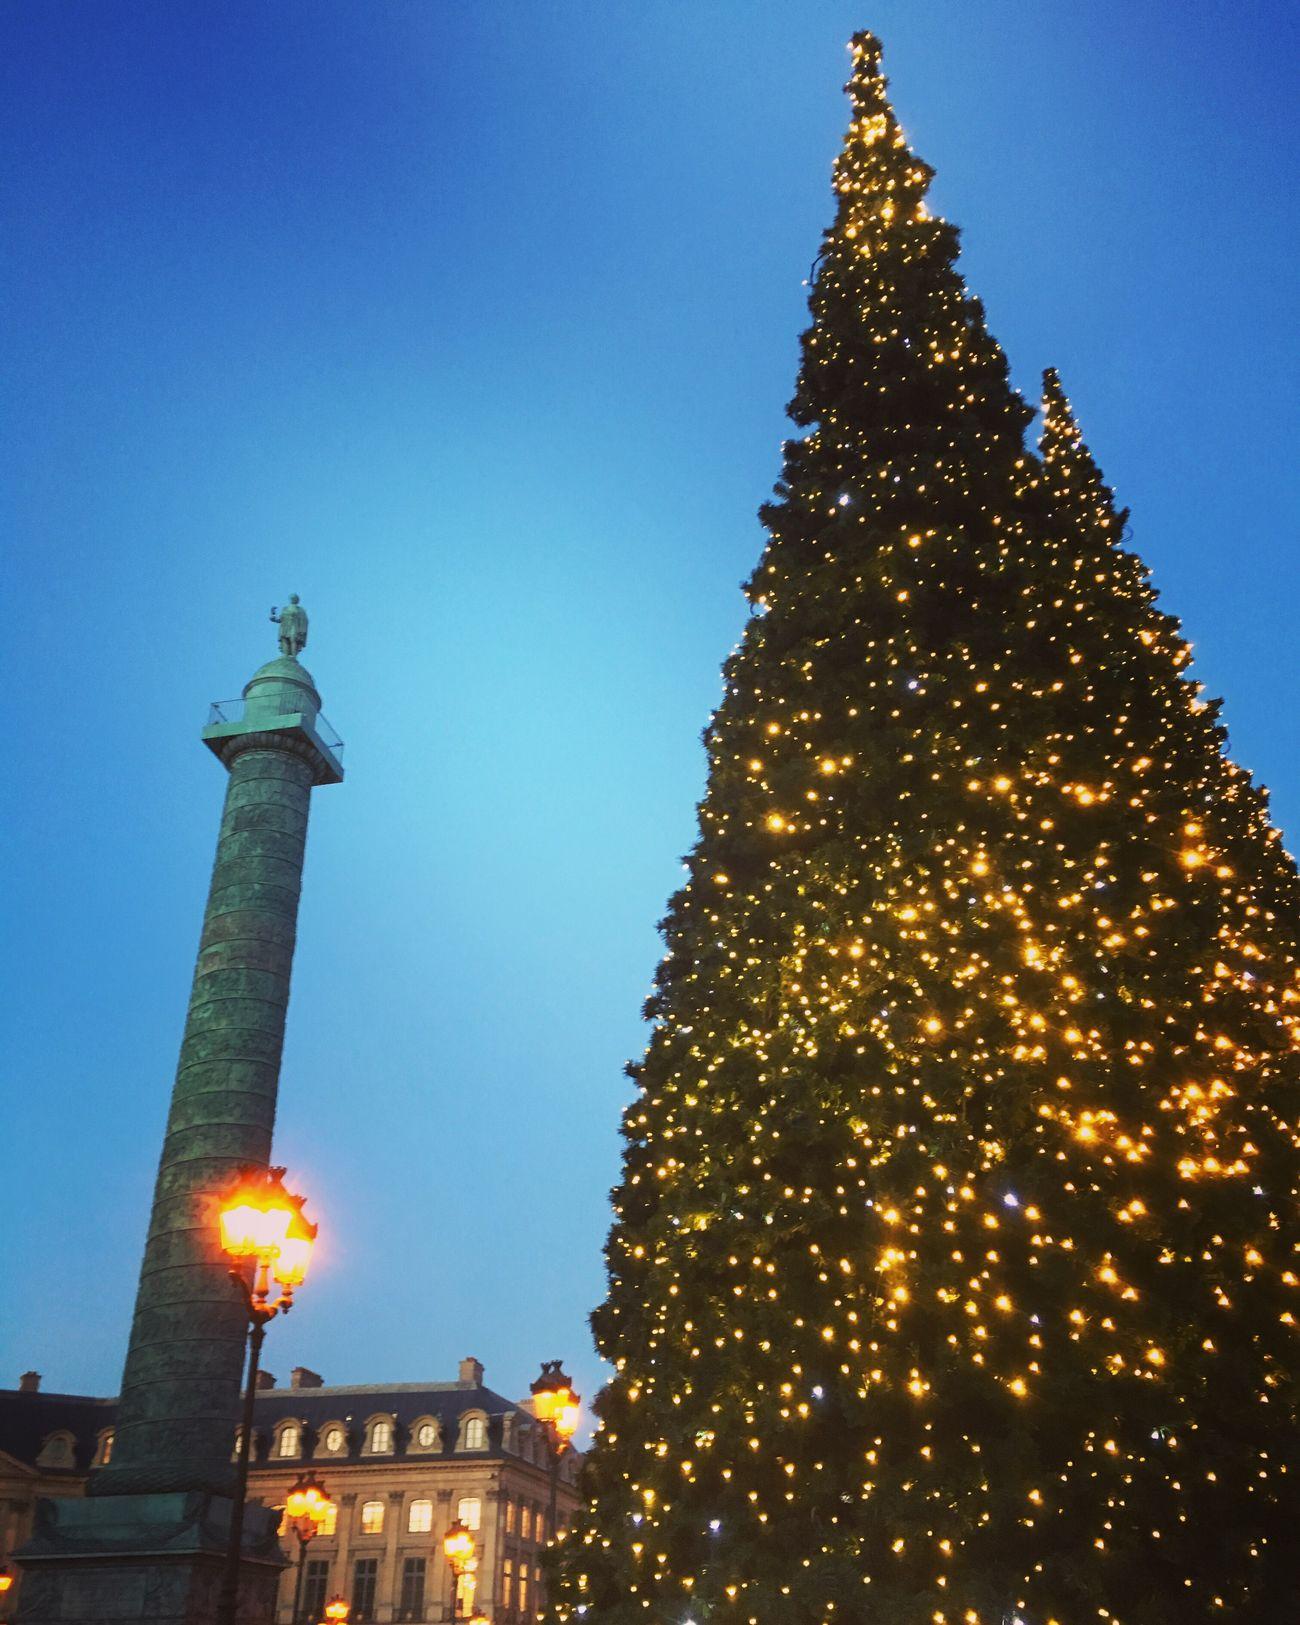 Paris Place Vendome Christmas Tree Christmas Decoration Christmas Around The World